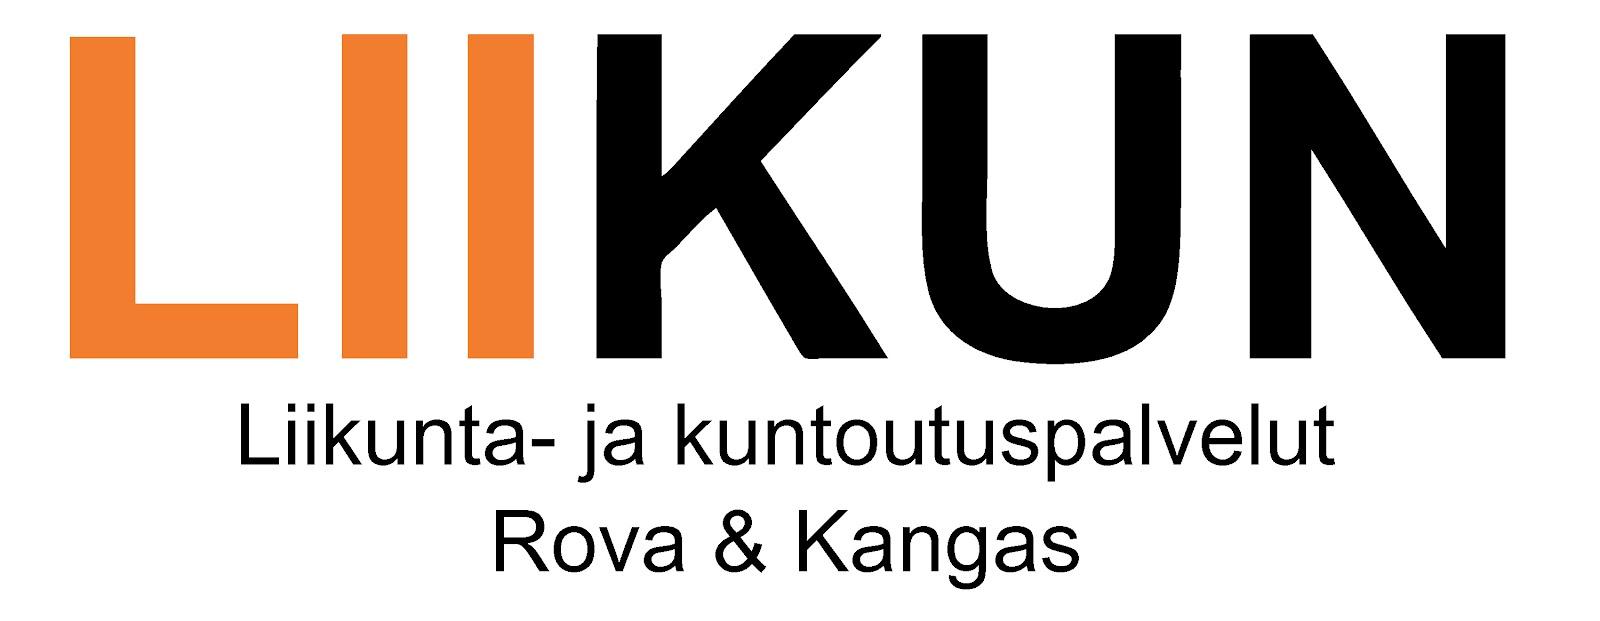 LIIKUN Liikunta- ja kuntoutuspalvelut Rova & Kangas